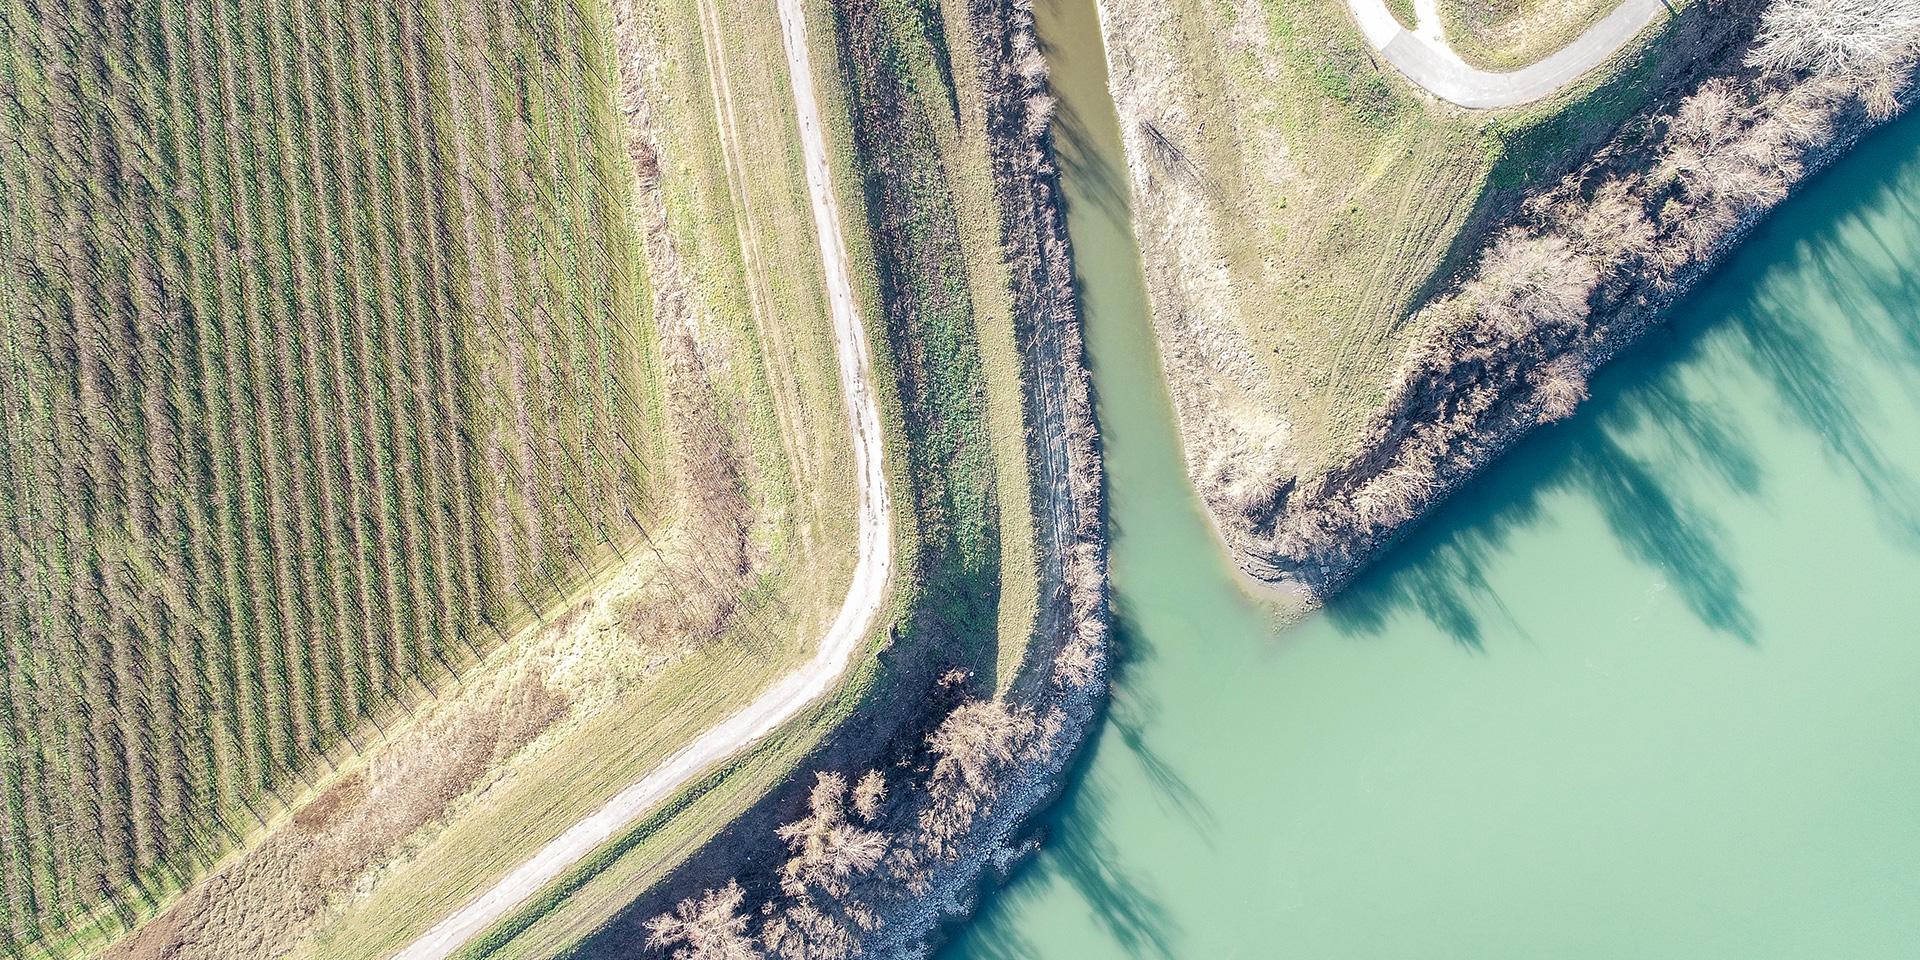 Impianto idrovoro di Revere, Binini Partners, Società di architettura e ingegneria